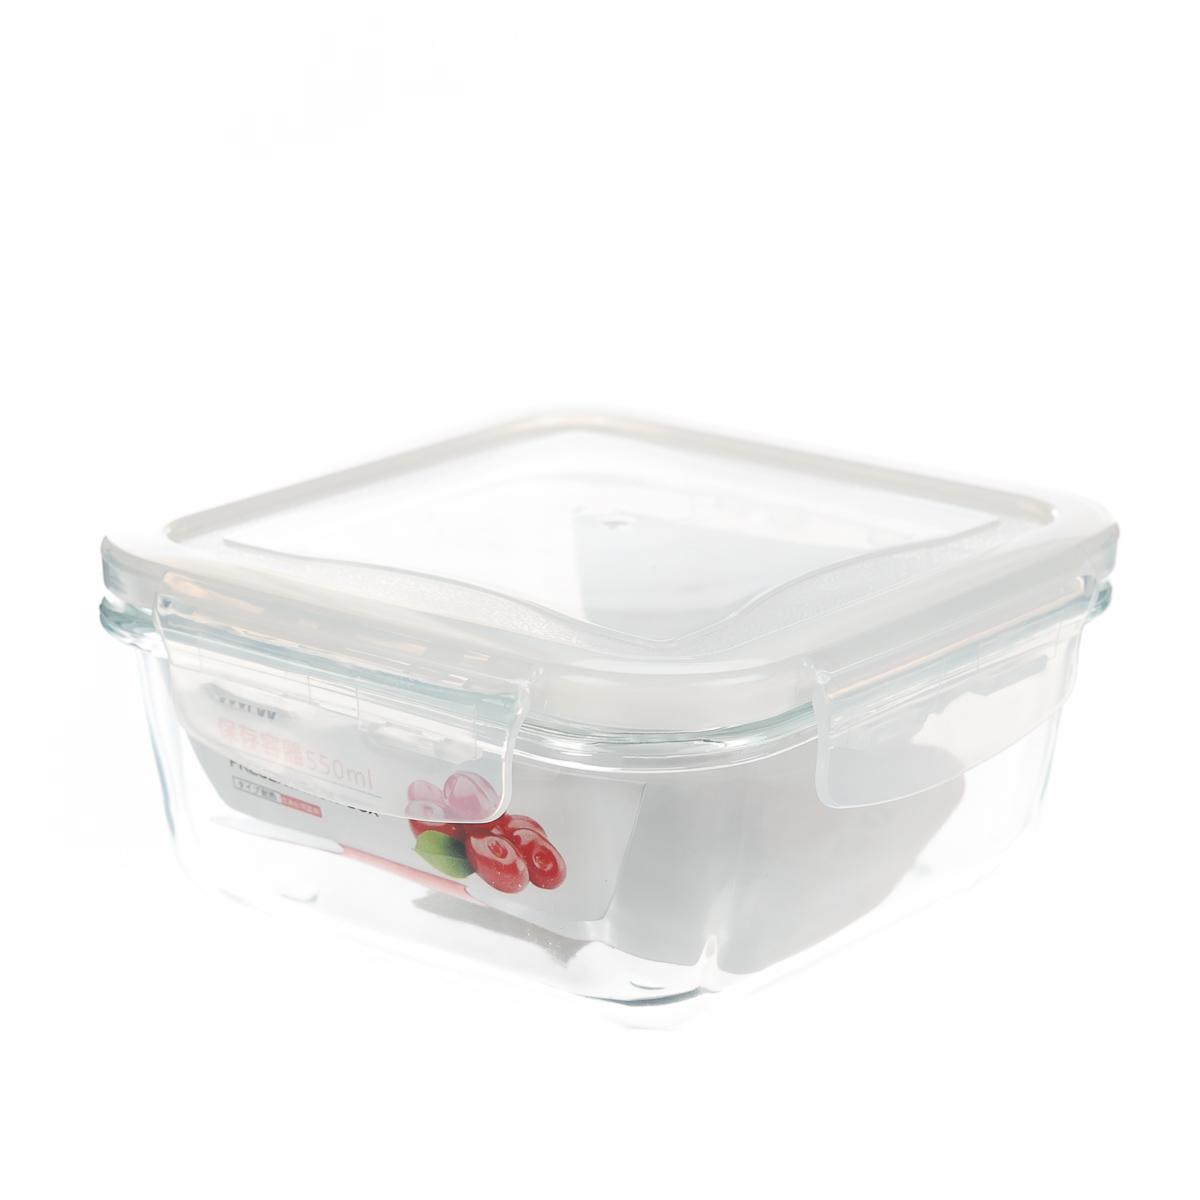 Контейнер для хранения еды стеклянный 550 мл